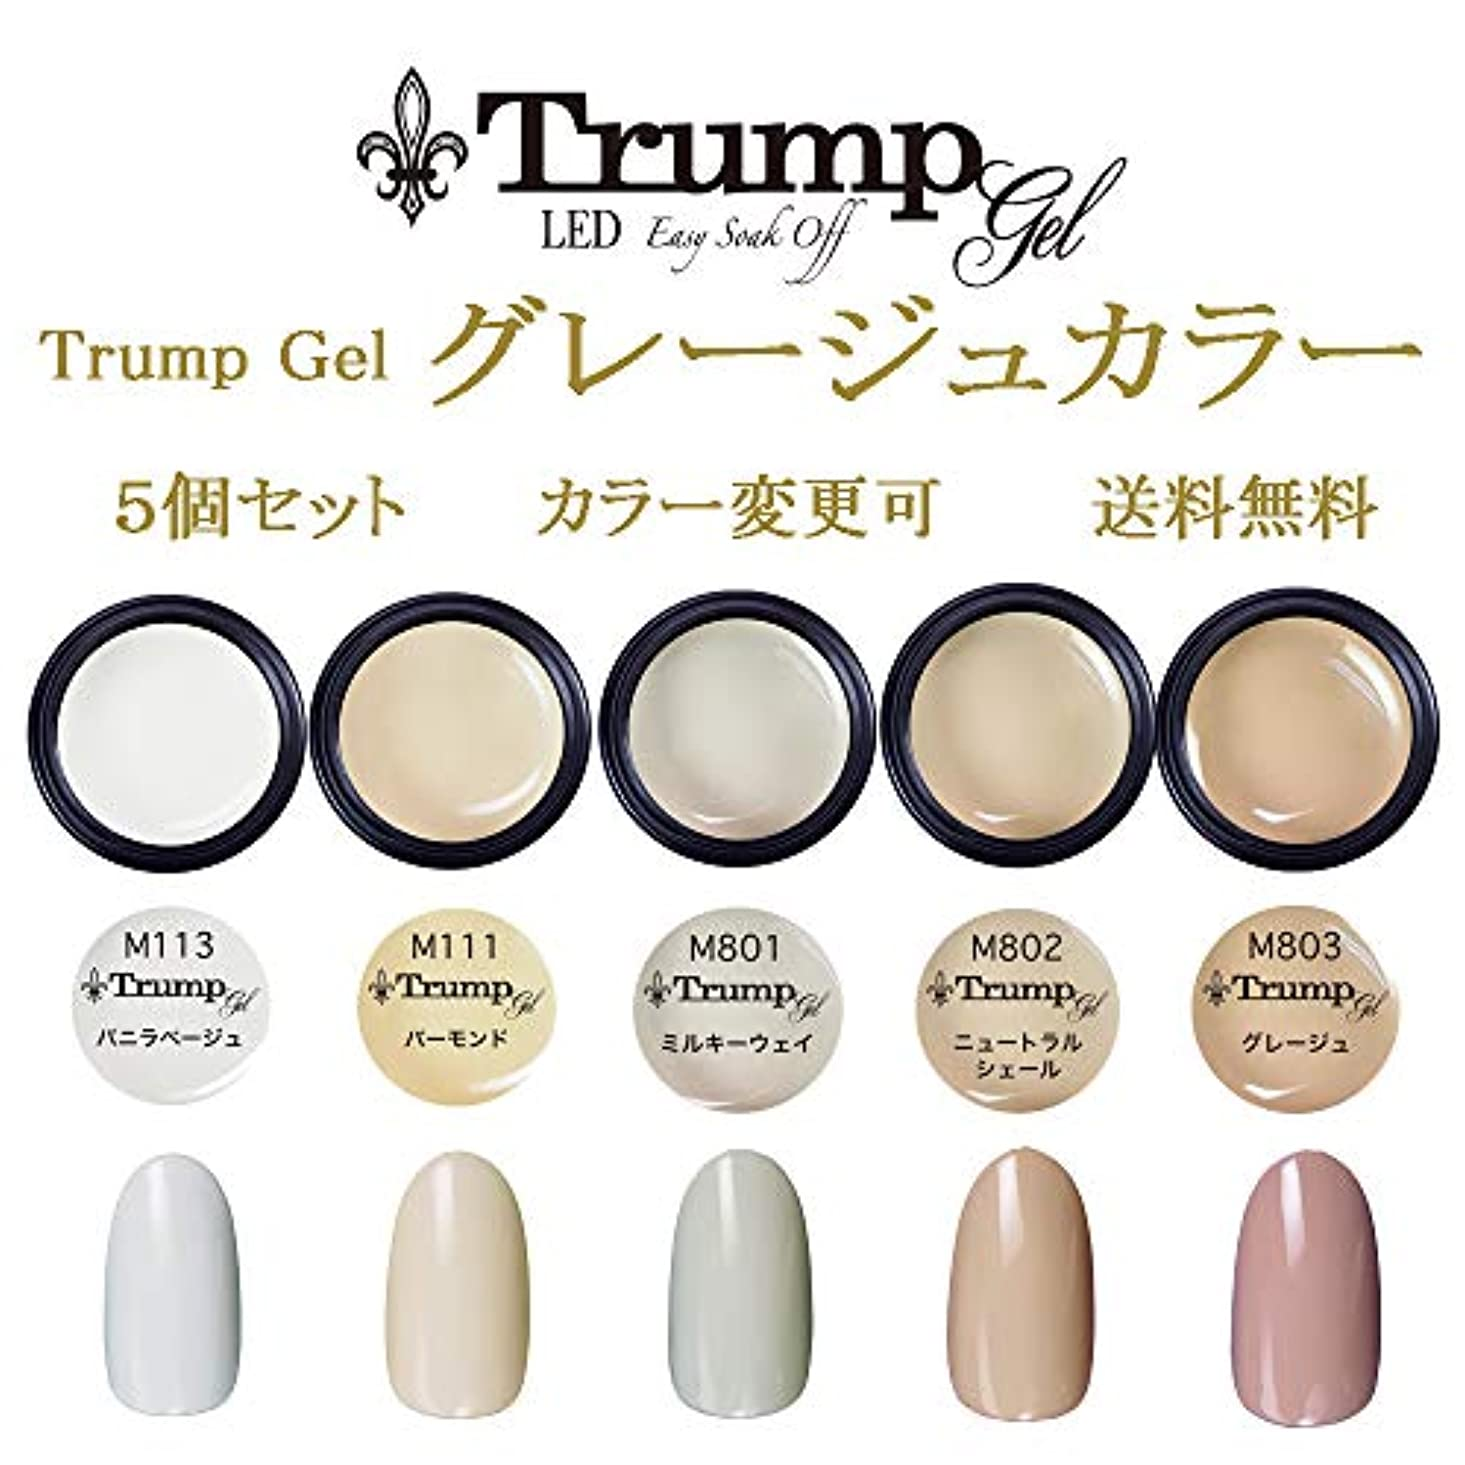 日曜日符号イライラする日本製 Trump gel トランプジェル グレージュカラー 選べる カラージェル 5個セット ホワイト ベージュ ピンク スモーク